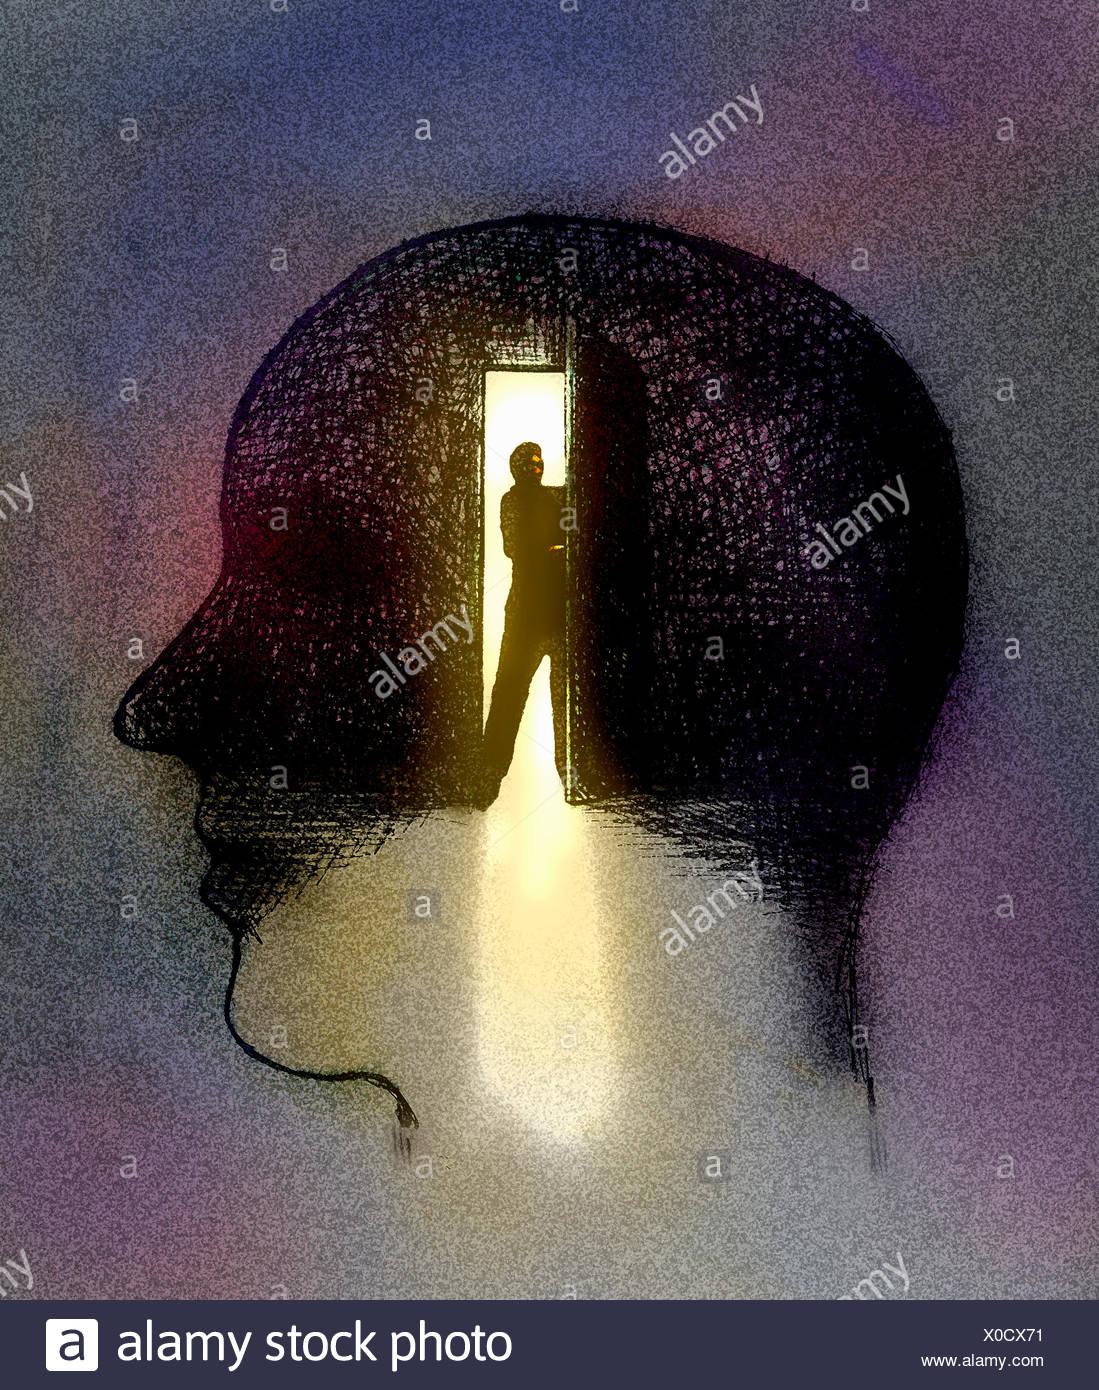 Mann Türöffnung im Inneren Gliederung Profil der Kopf des Mannes Stockbild